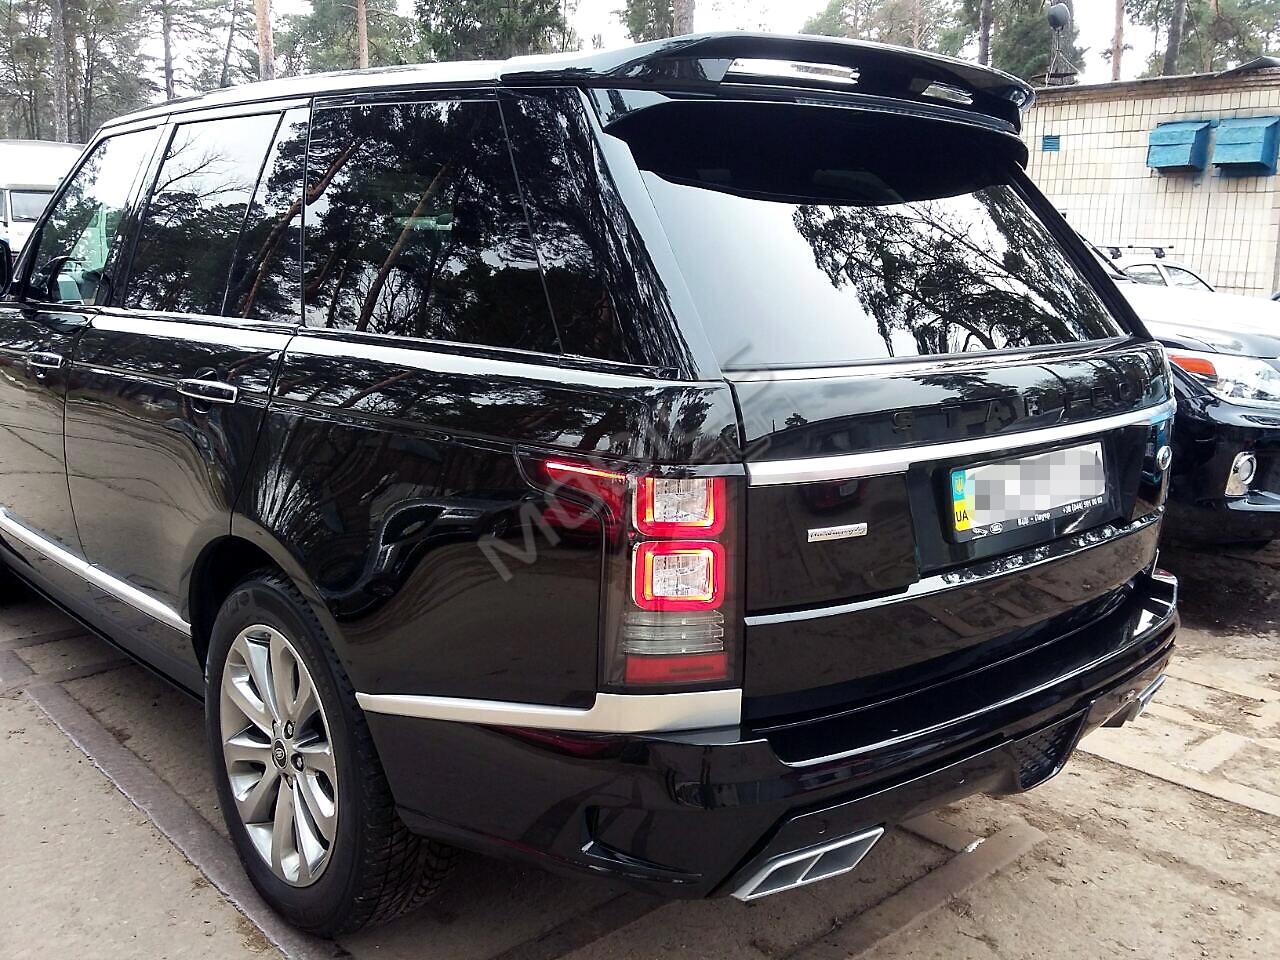 Range Rover VOGUE 2015 - установка аэродинамического обвеса STARTECH + детализация Autobiography.